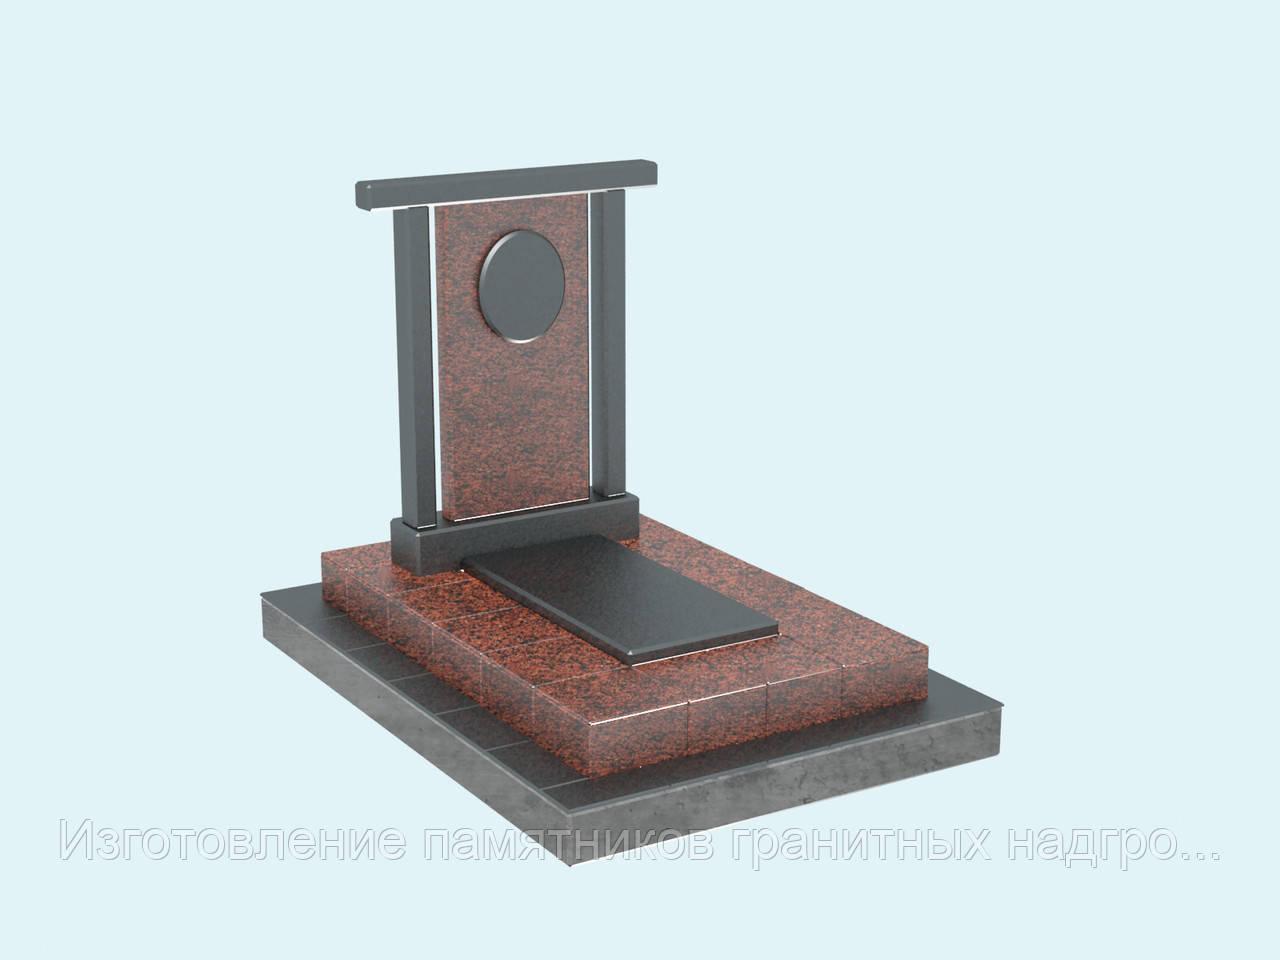 3d проект памятник гранитный с аркой, купить, заказать в Симферополе и Крыму